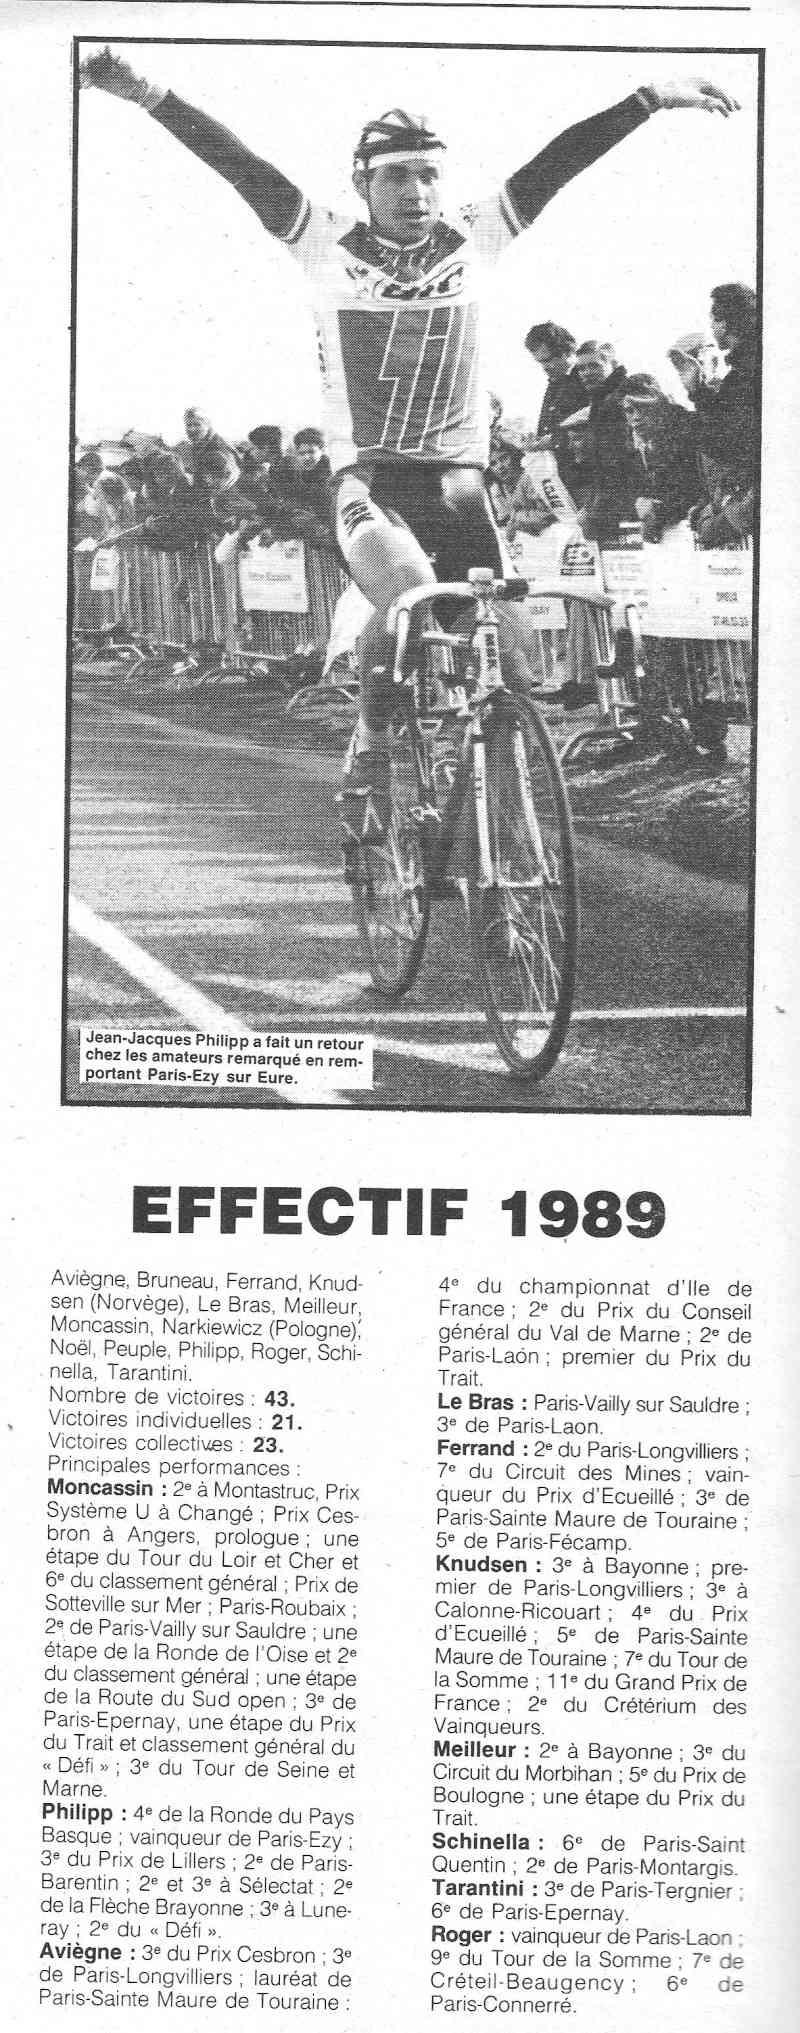 CSM.Persan. BIC. Toute une époque de janvier 1984 à janvier 1990 - Page 35 1989_178